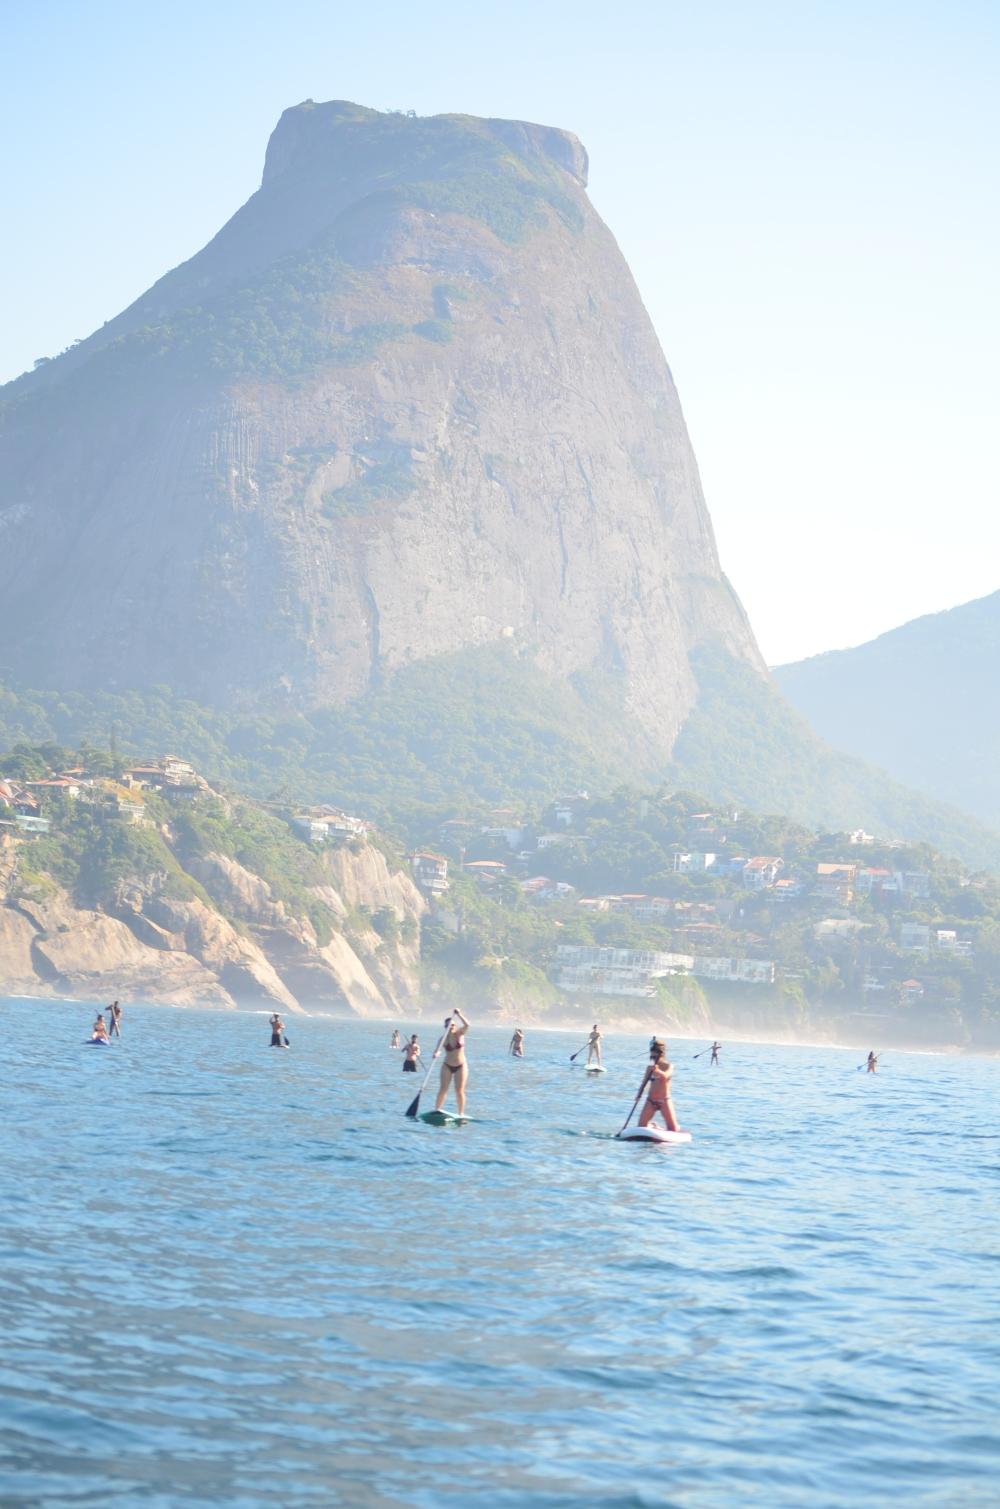 Remando na praia da Barra da Tijuca